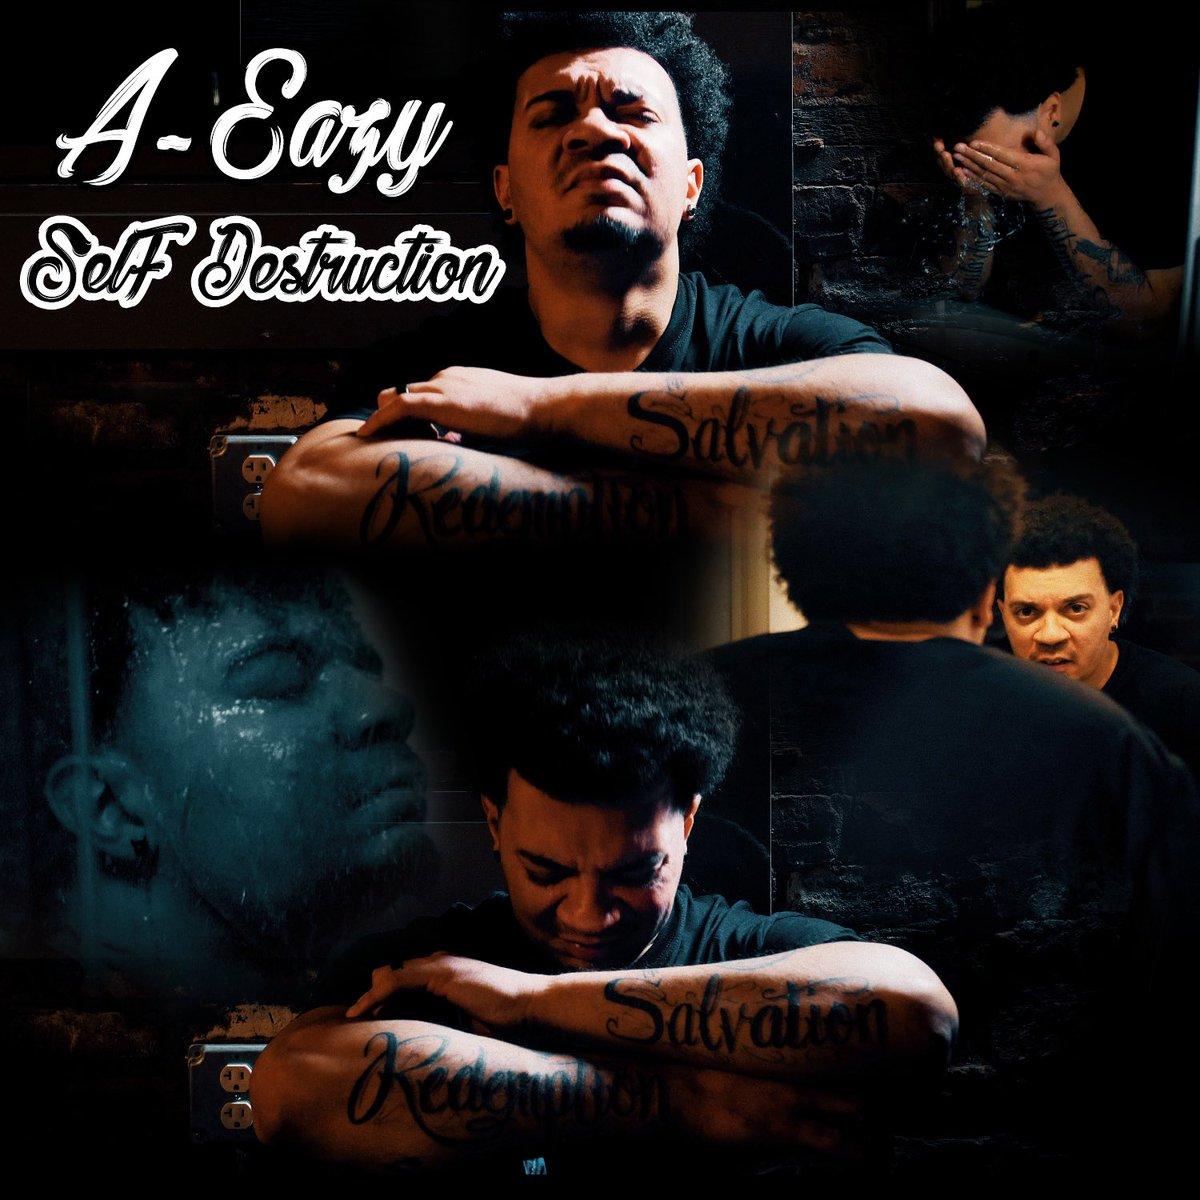 A-Eazy